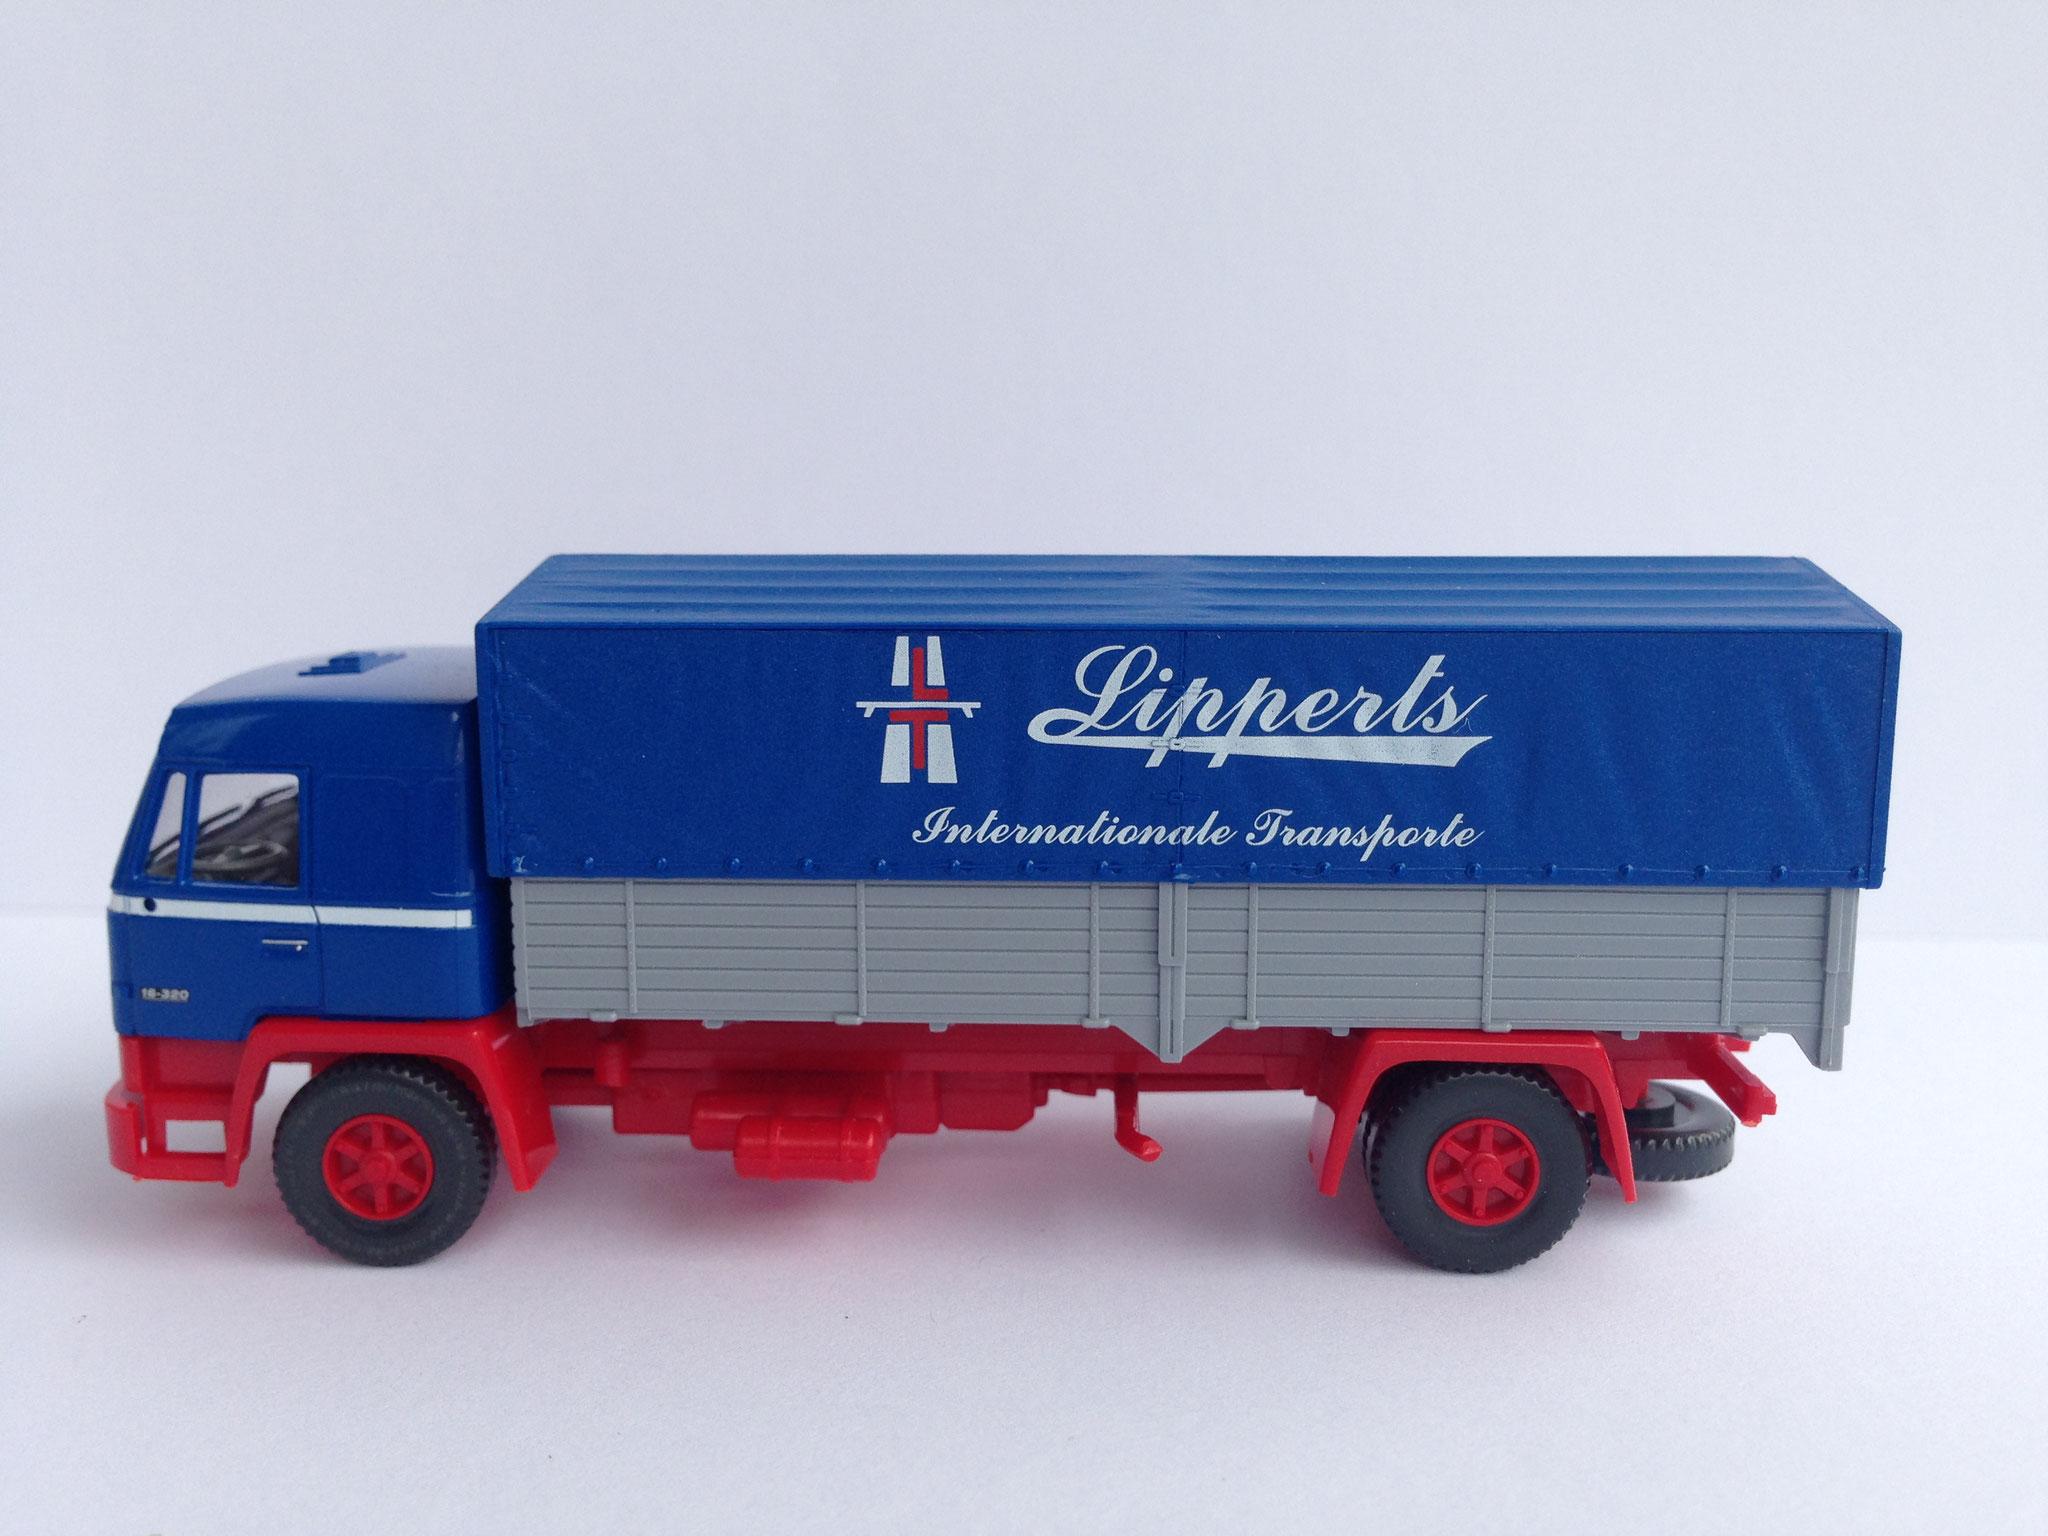 Lipperts 2-Achser, Pritsche/Plane, Art. Nr. 849 58 (Auftragsmodell für Vedes, nur 2012 im Programm)